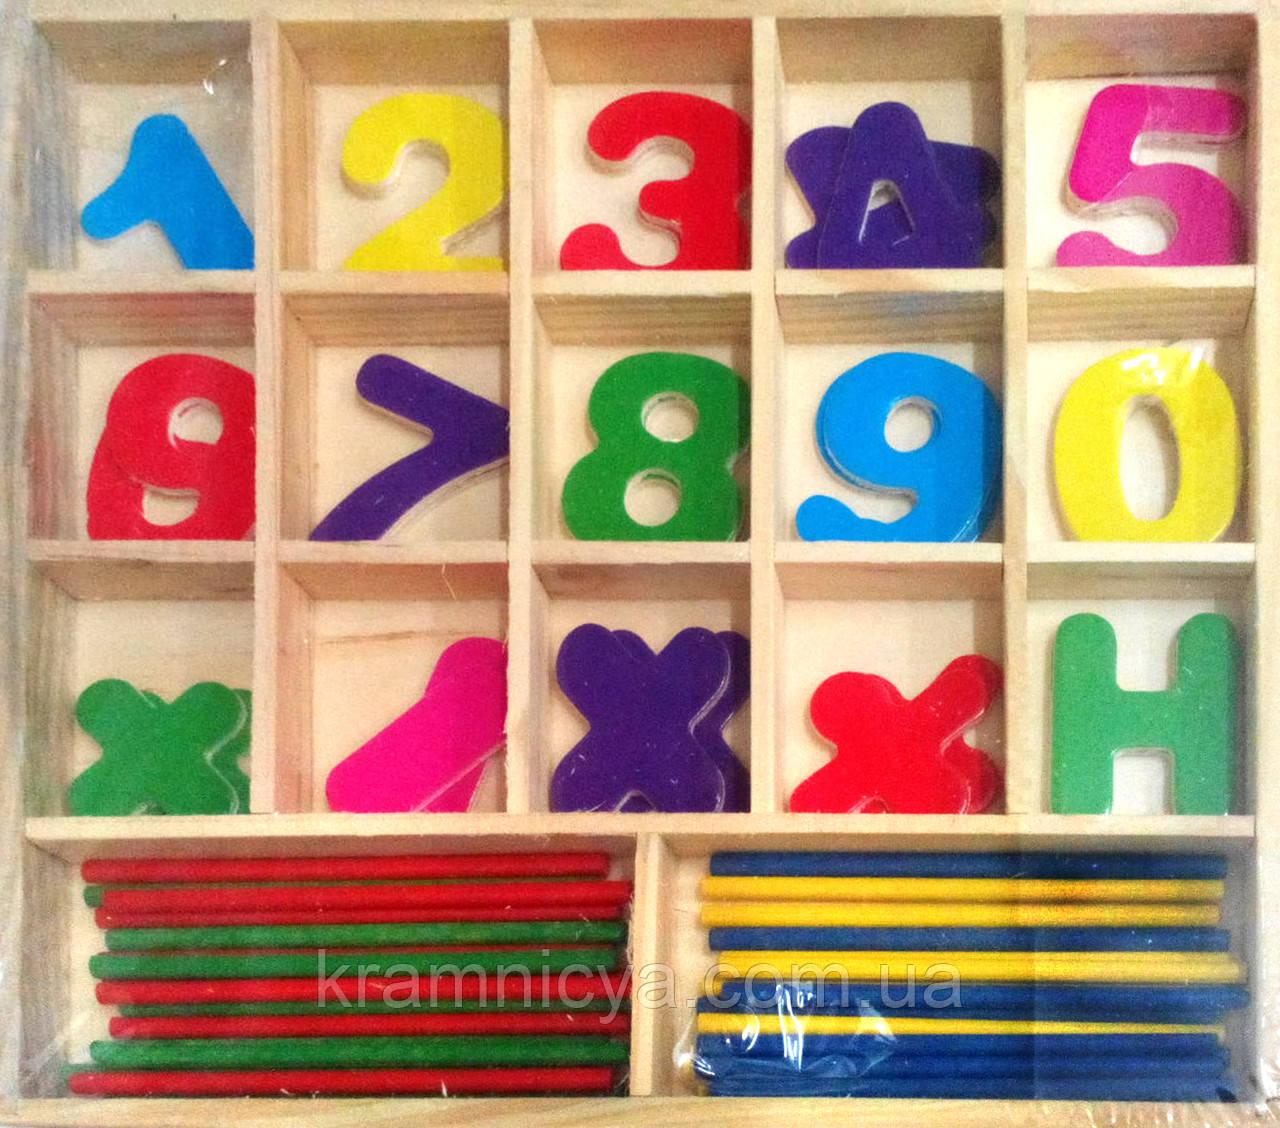 Набор счётных палочек с цифрами и арифметическими знаками